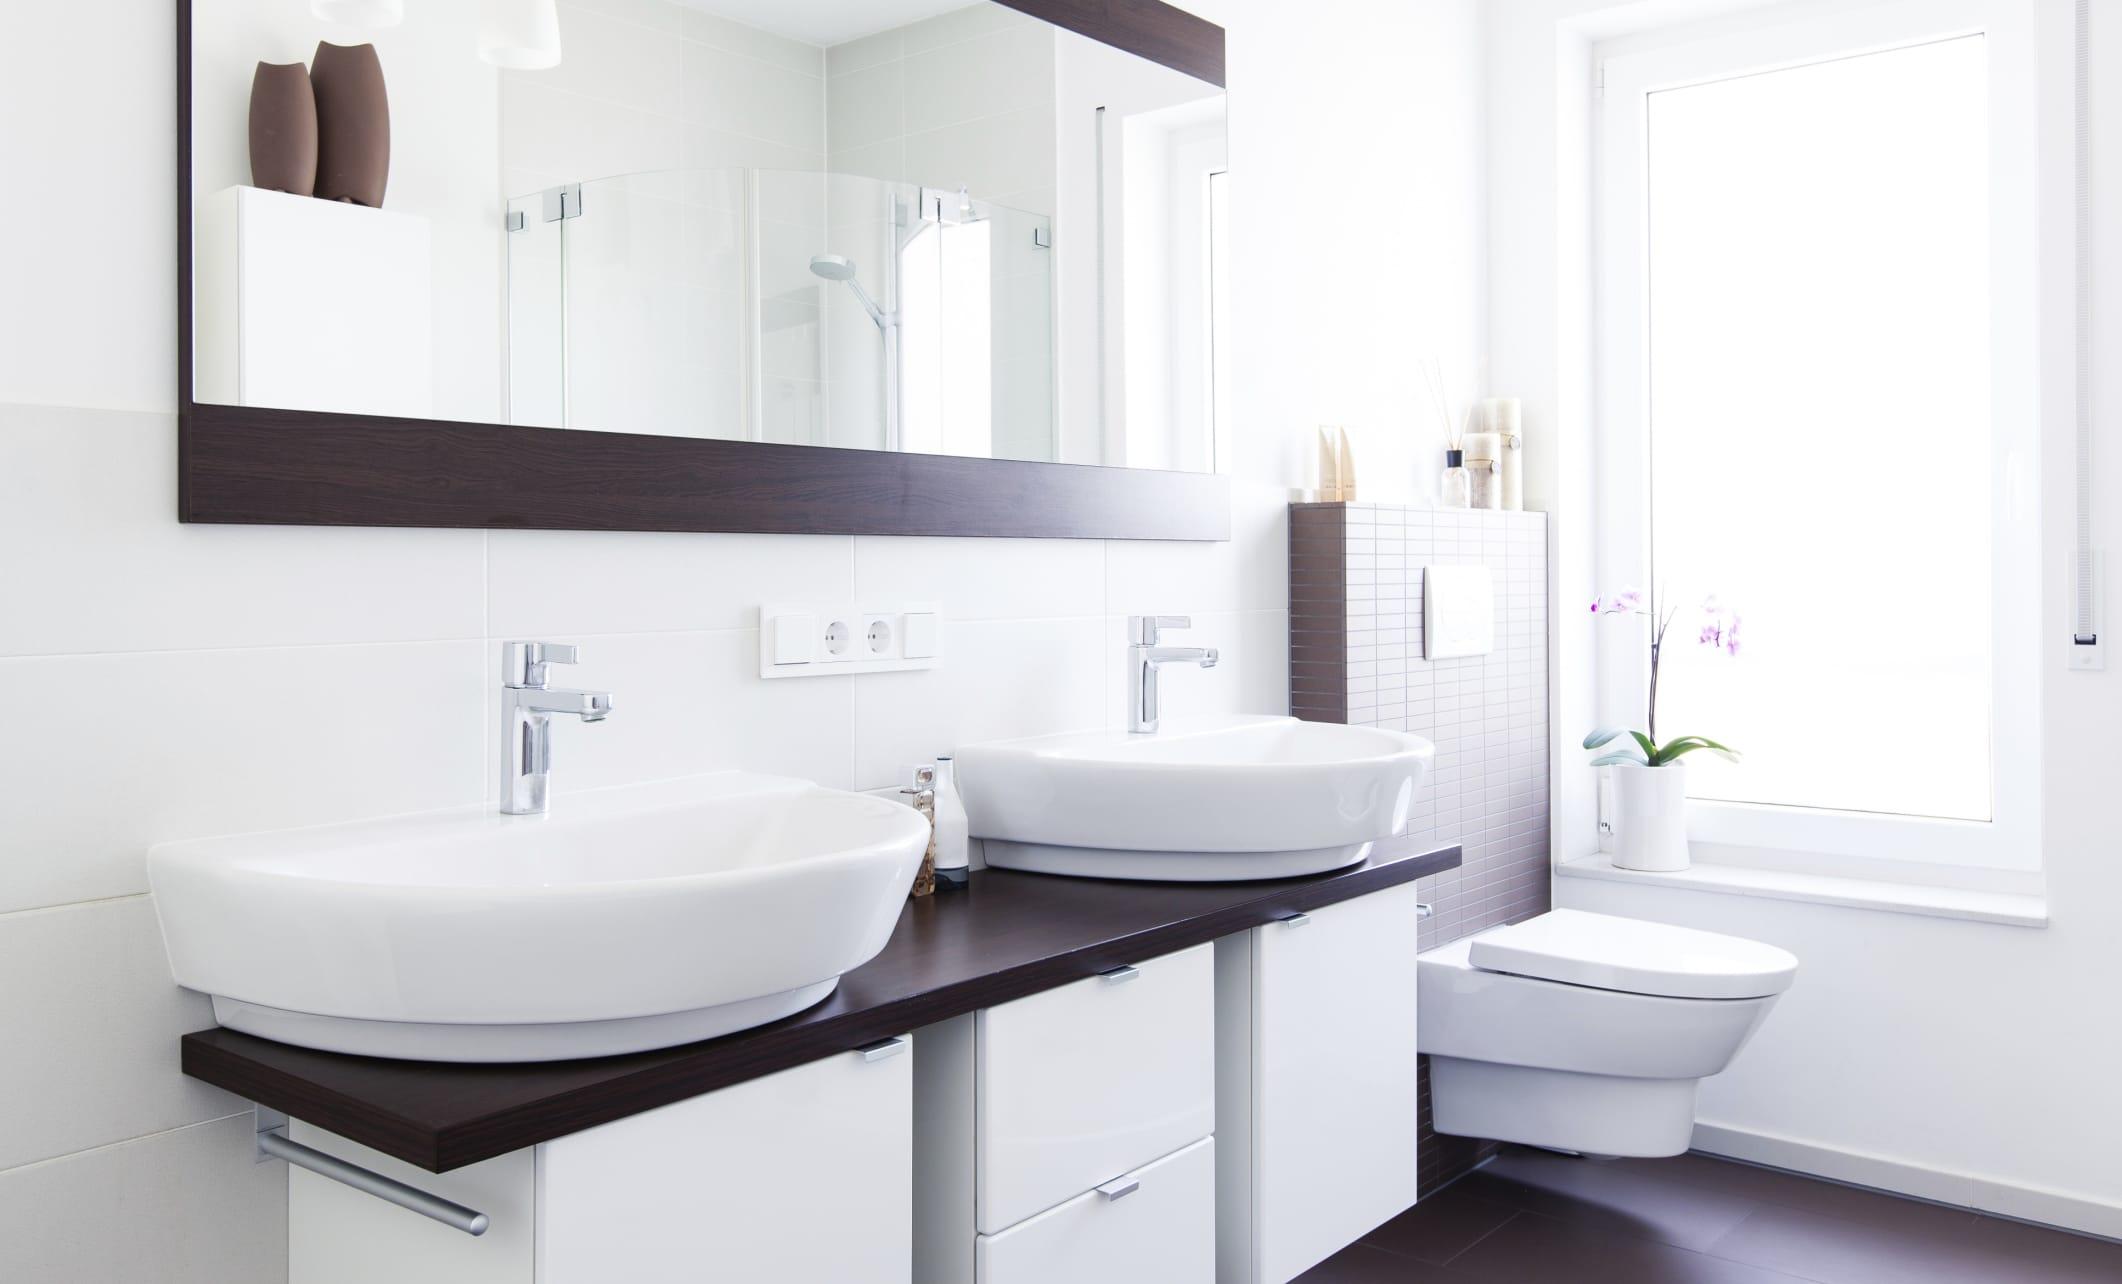 Come ristrutturare il bagno in maniera ecosostenibile non sprecare - Come scaldare il bagno ...